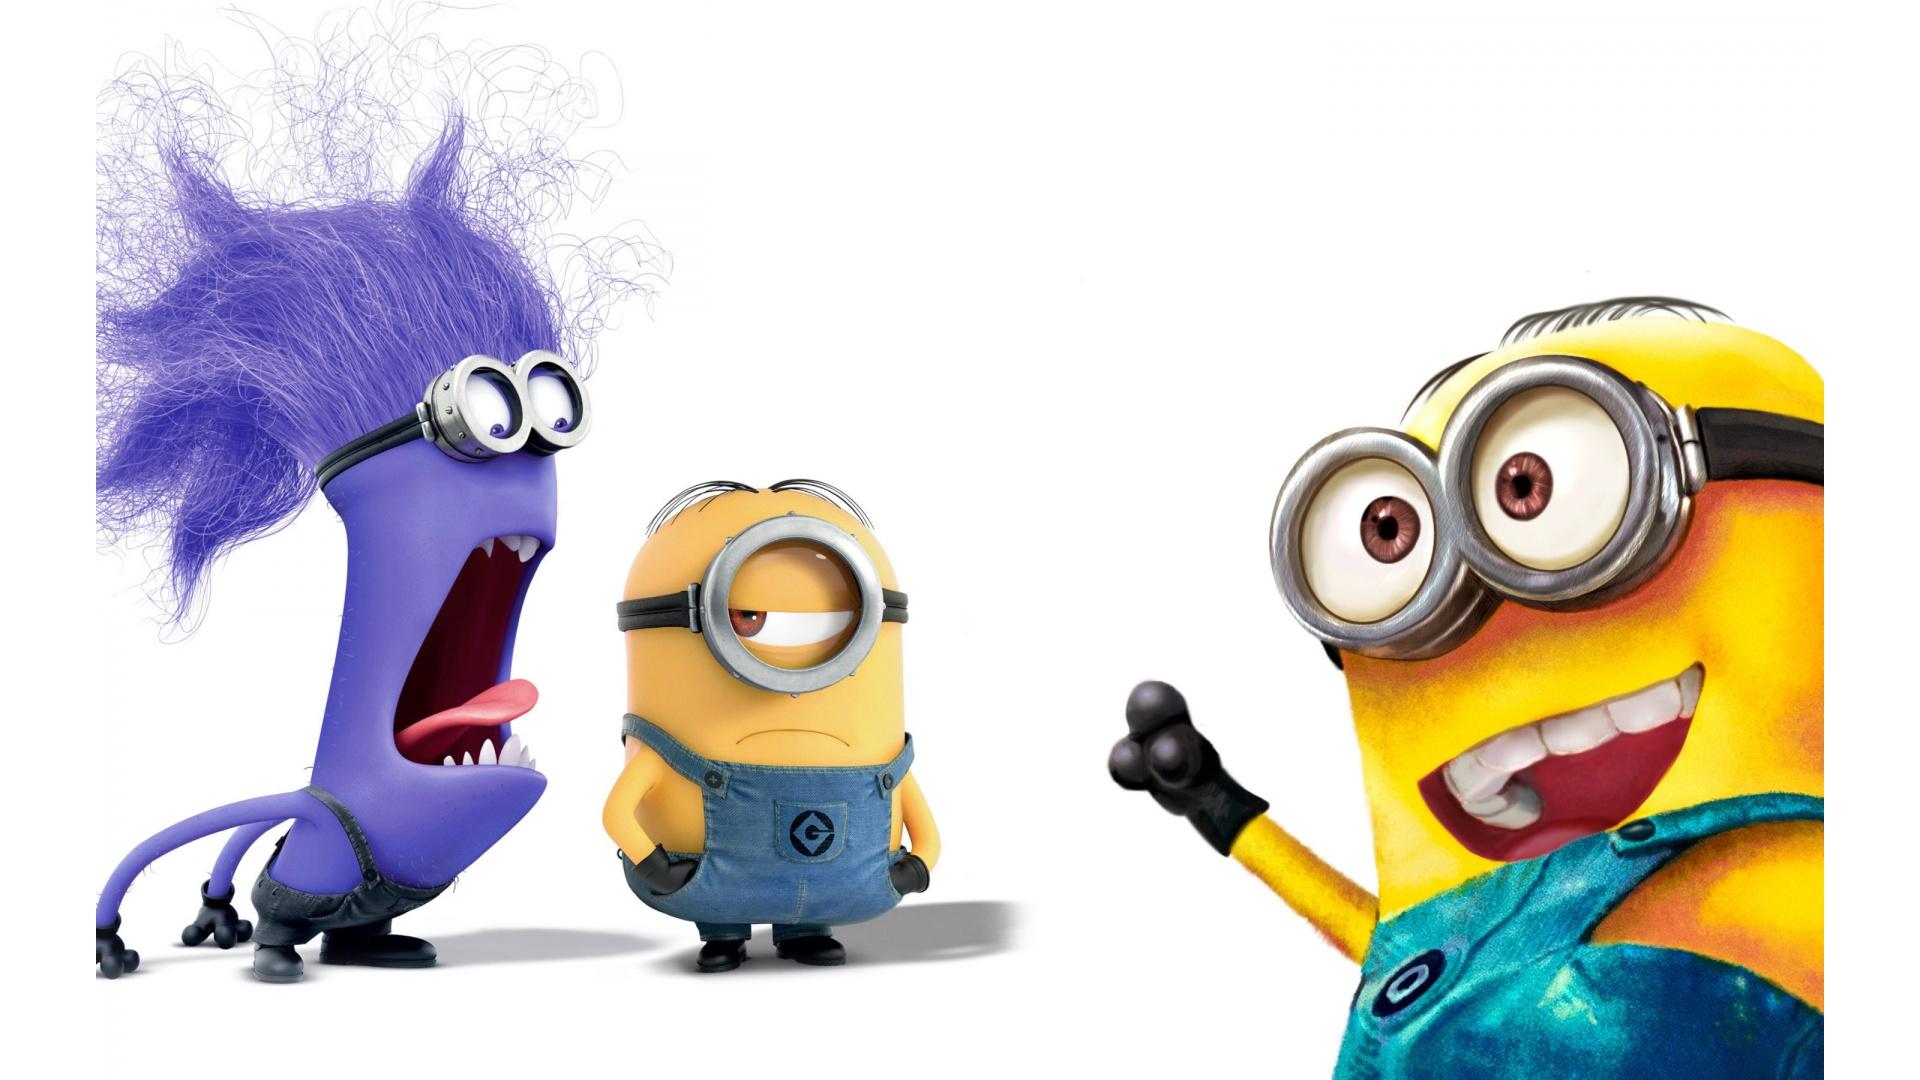 Evil Minion Purple Minion   1920x1080   471745 1920x1080